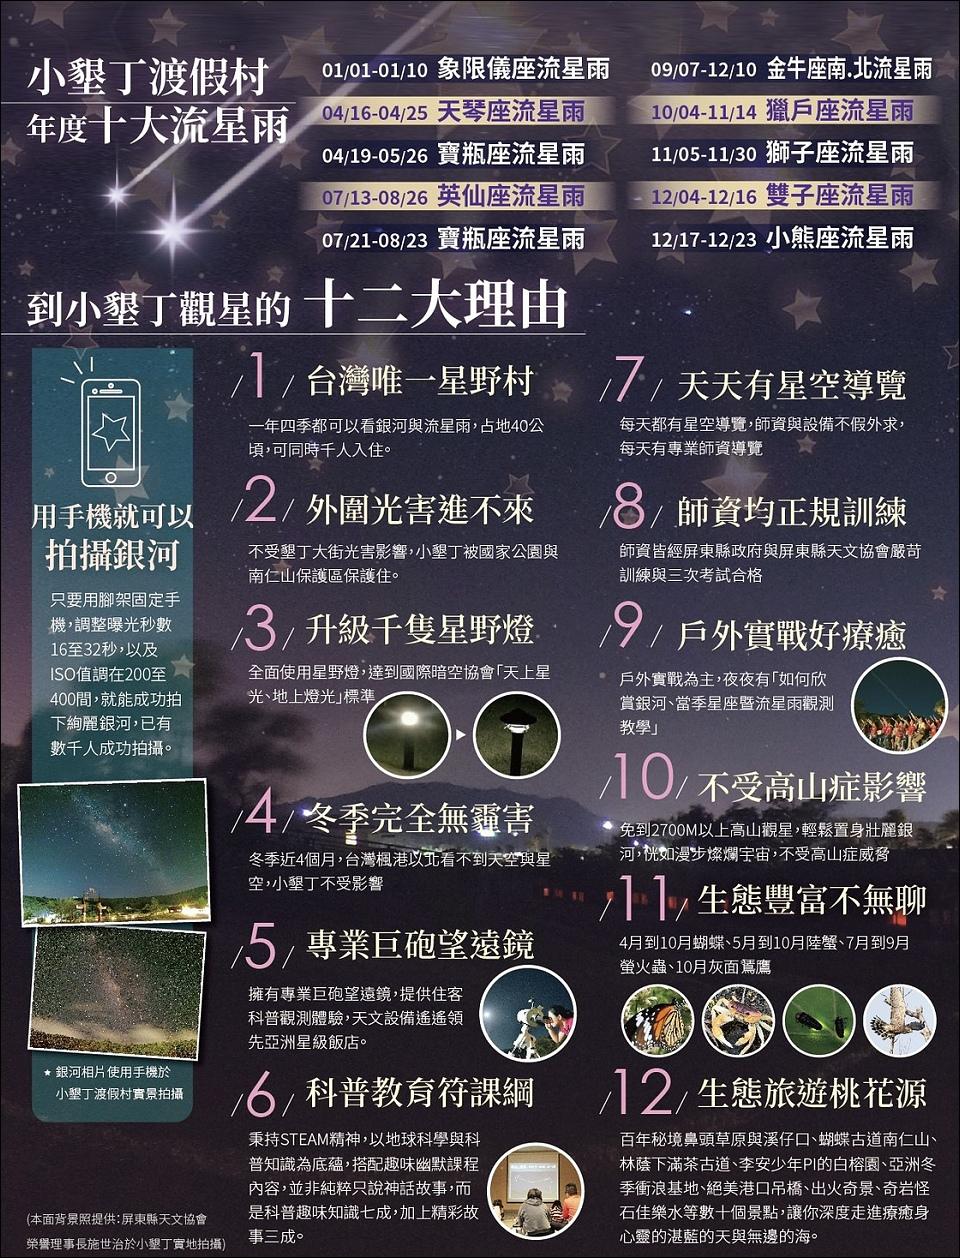 小墾丁觀星12大理由-20191028.jpg